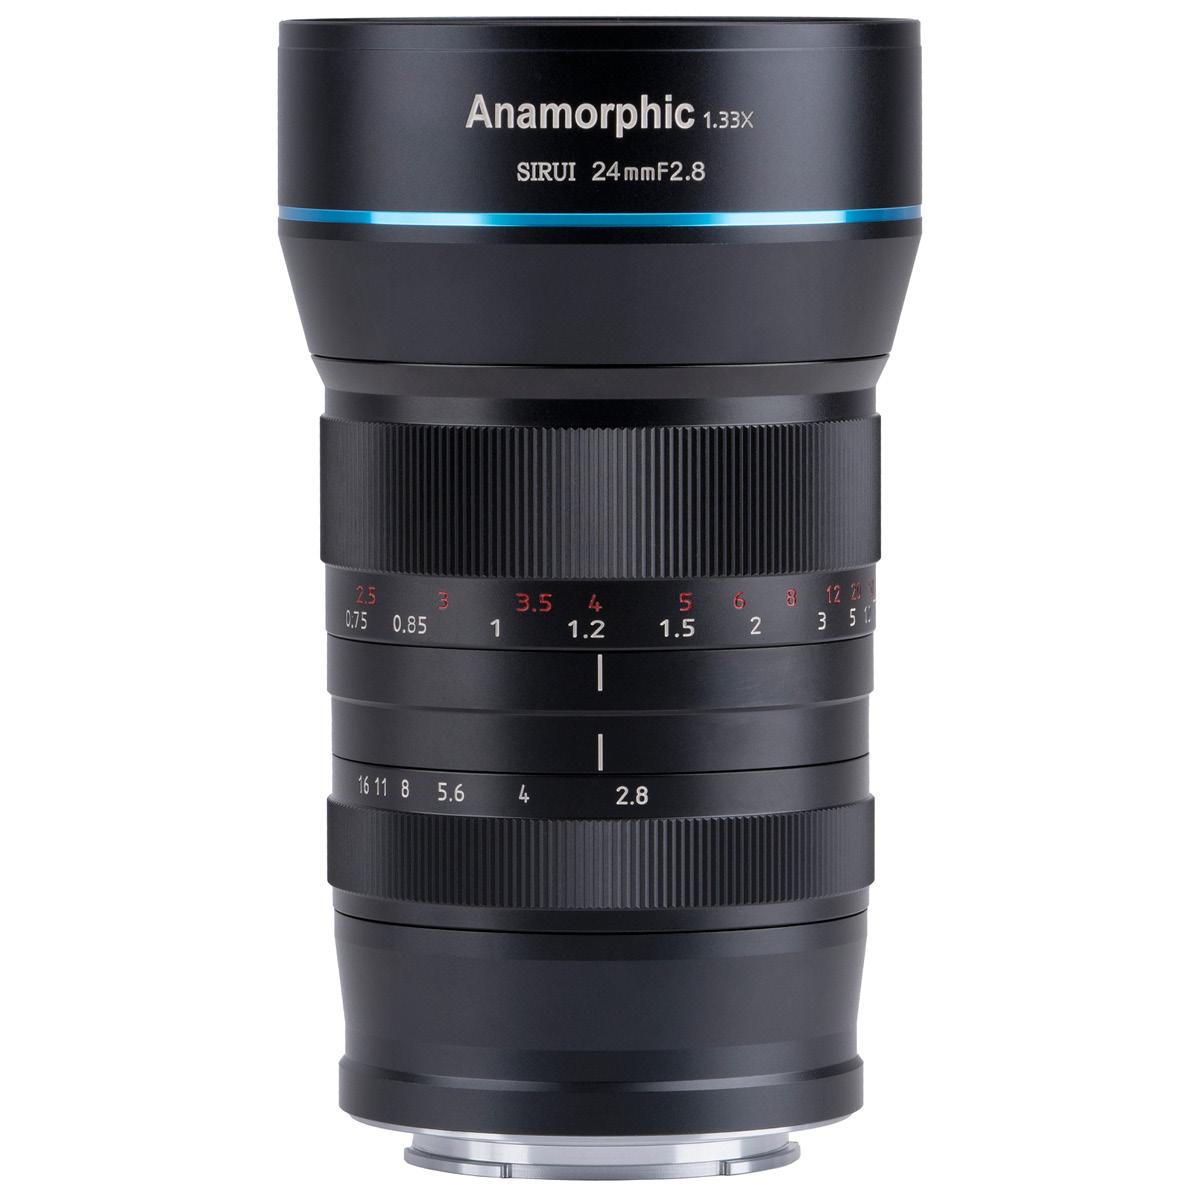 Sirui 24 mm 1:2,8 Anamorph 1,33x für Nikon Z DX